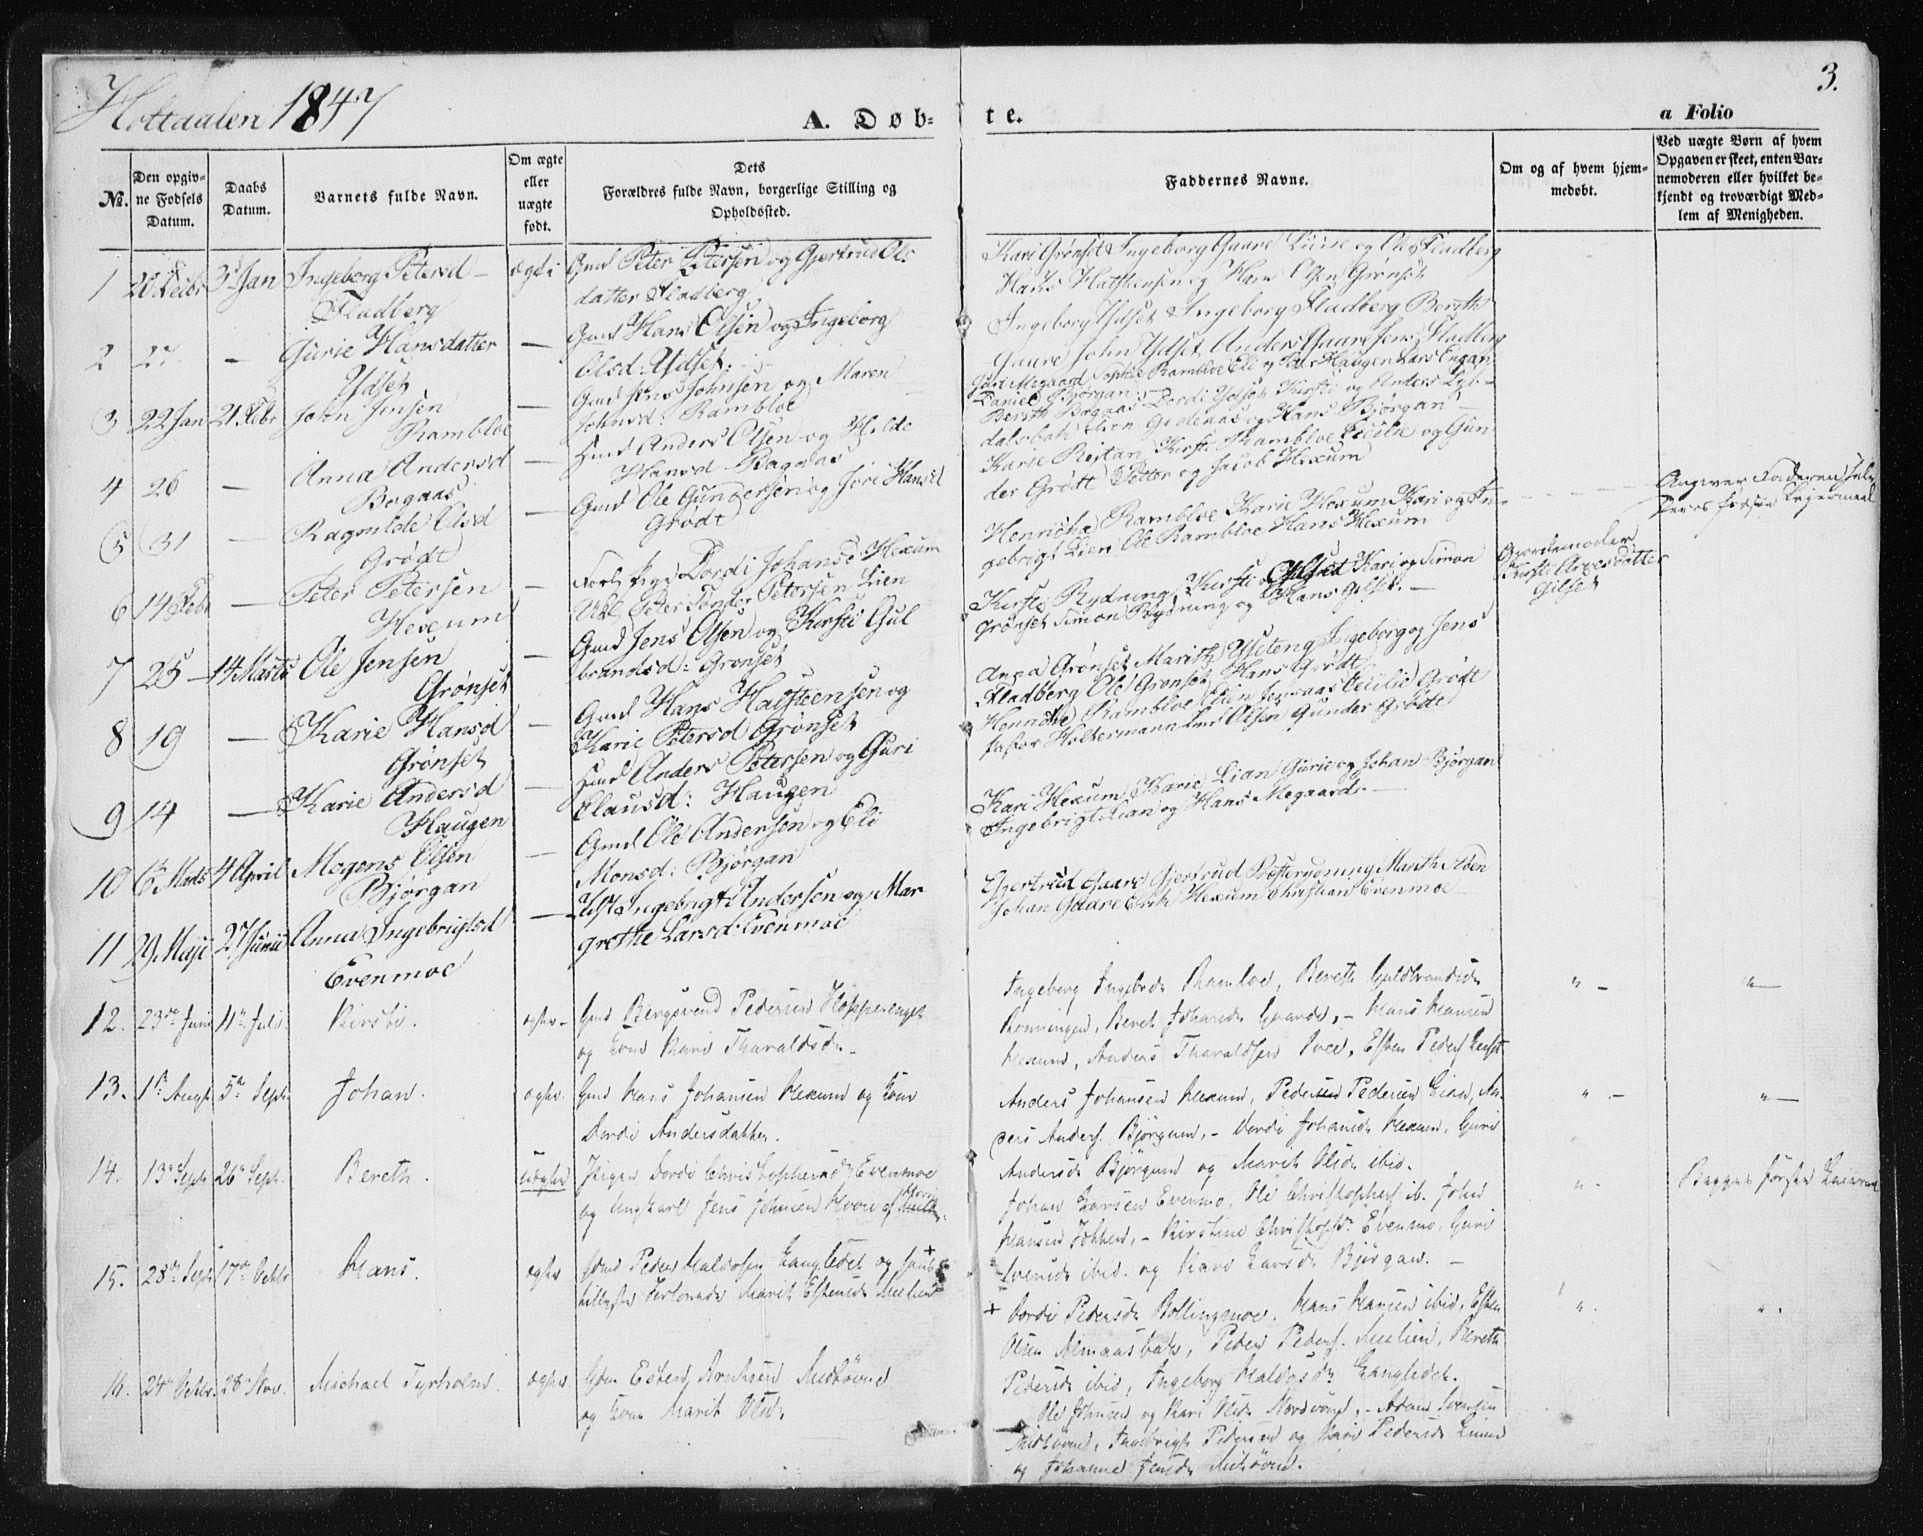 SAT, Ministerialprotokoller, klokkerbøker og fødselsregistre - Sør-Trøndelag, 685/L0963: Ministerialbok nr. 685A06 /1, 1846-1859, s. 3